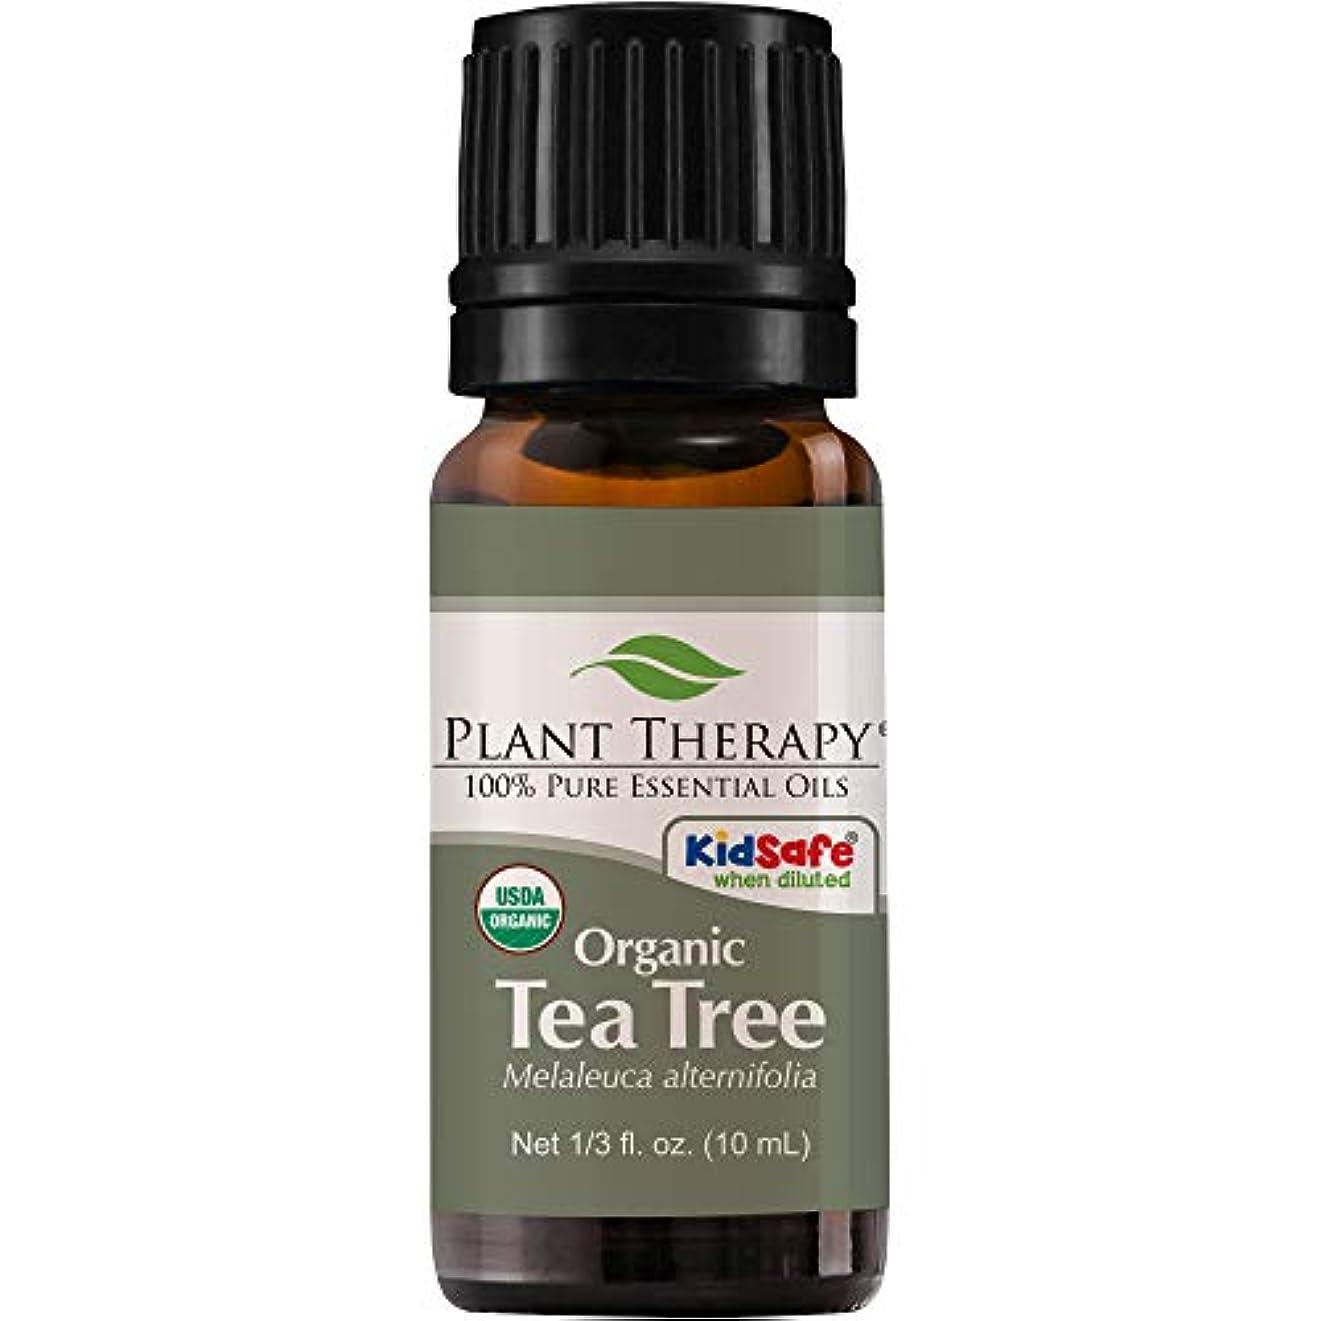 熟したメロドラマ曇ったPlant Therapy Essential Oils (プラントセラピー エッセンシャルオイル) オーガニック ティーツリー (メラルーカ) エッセンシャルオイル